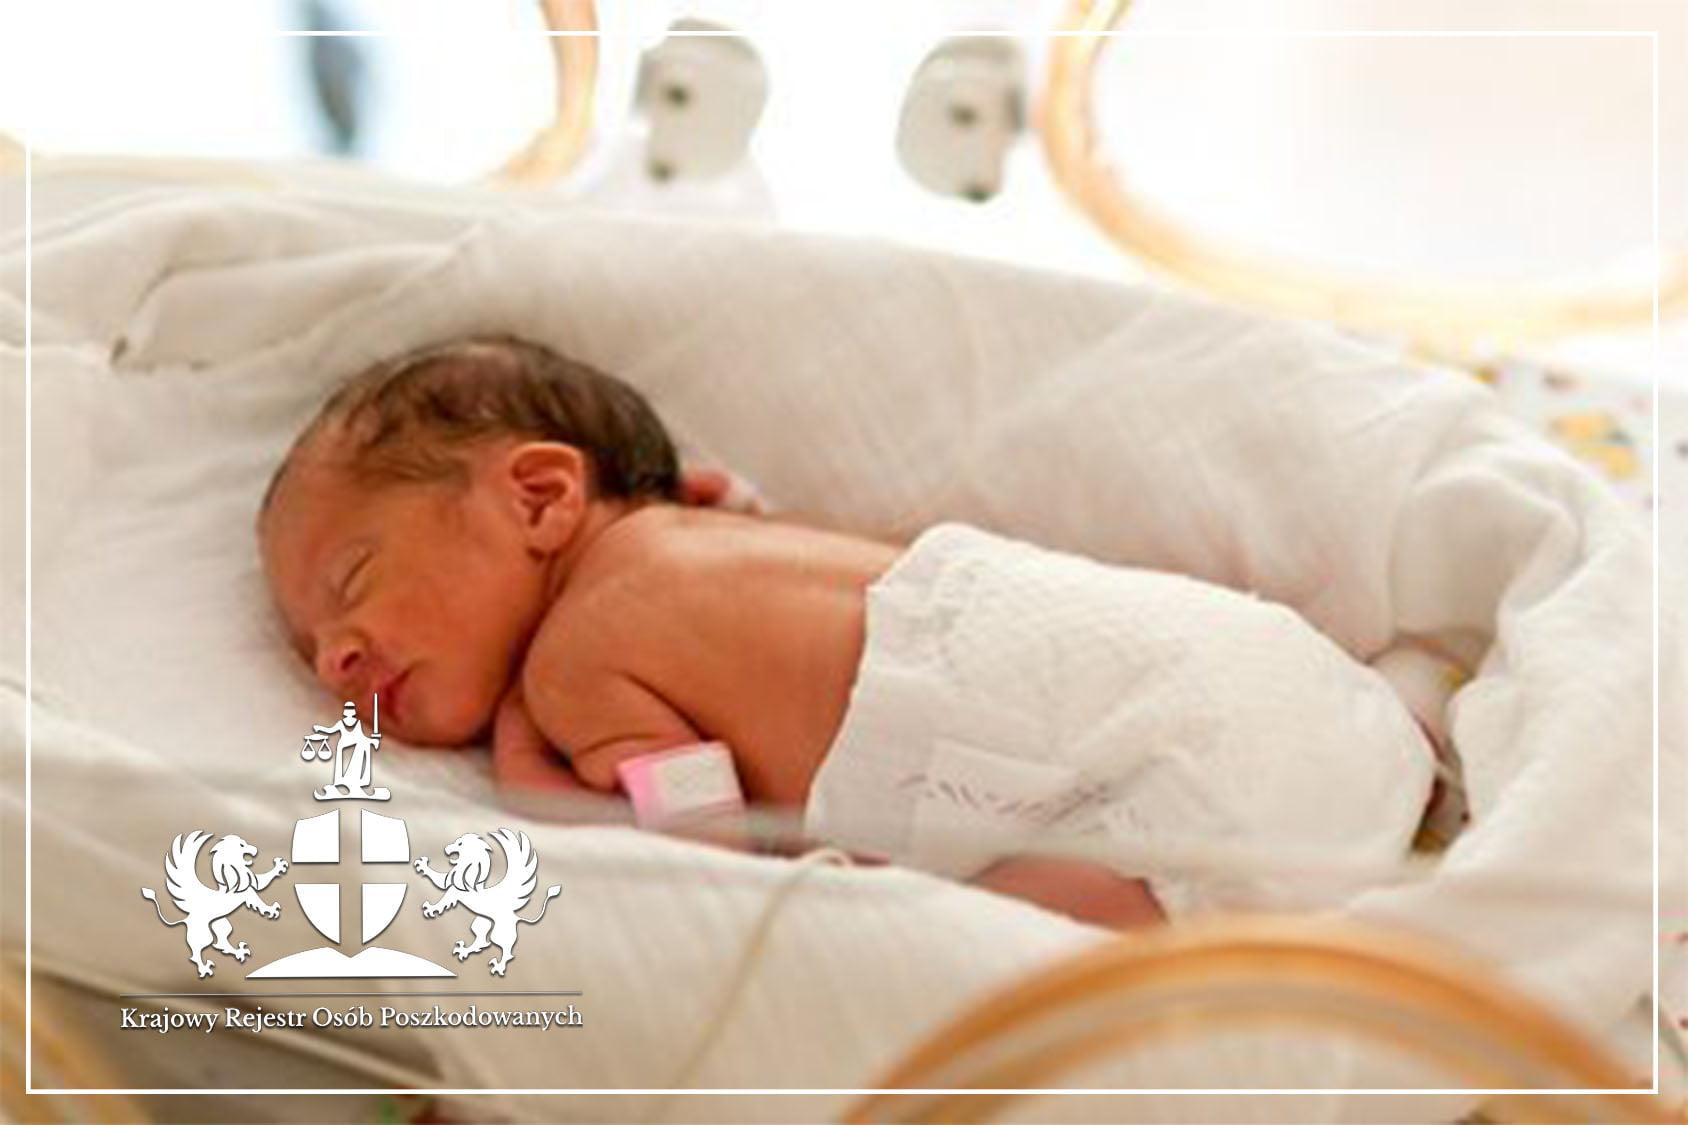 Złamany obojczyk noworodka